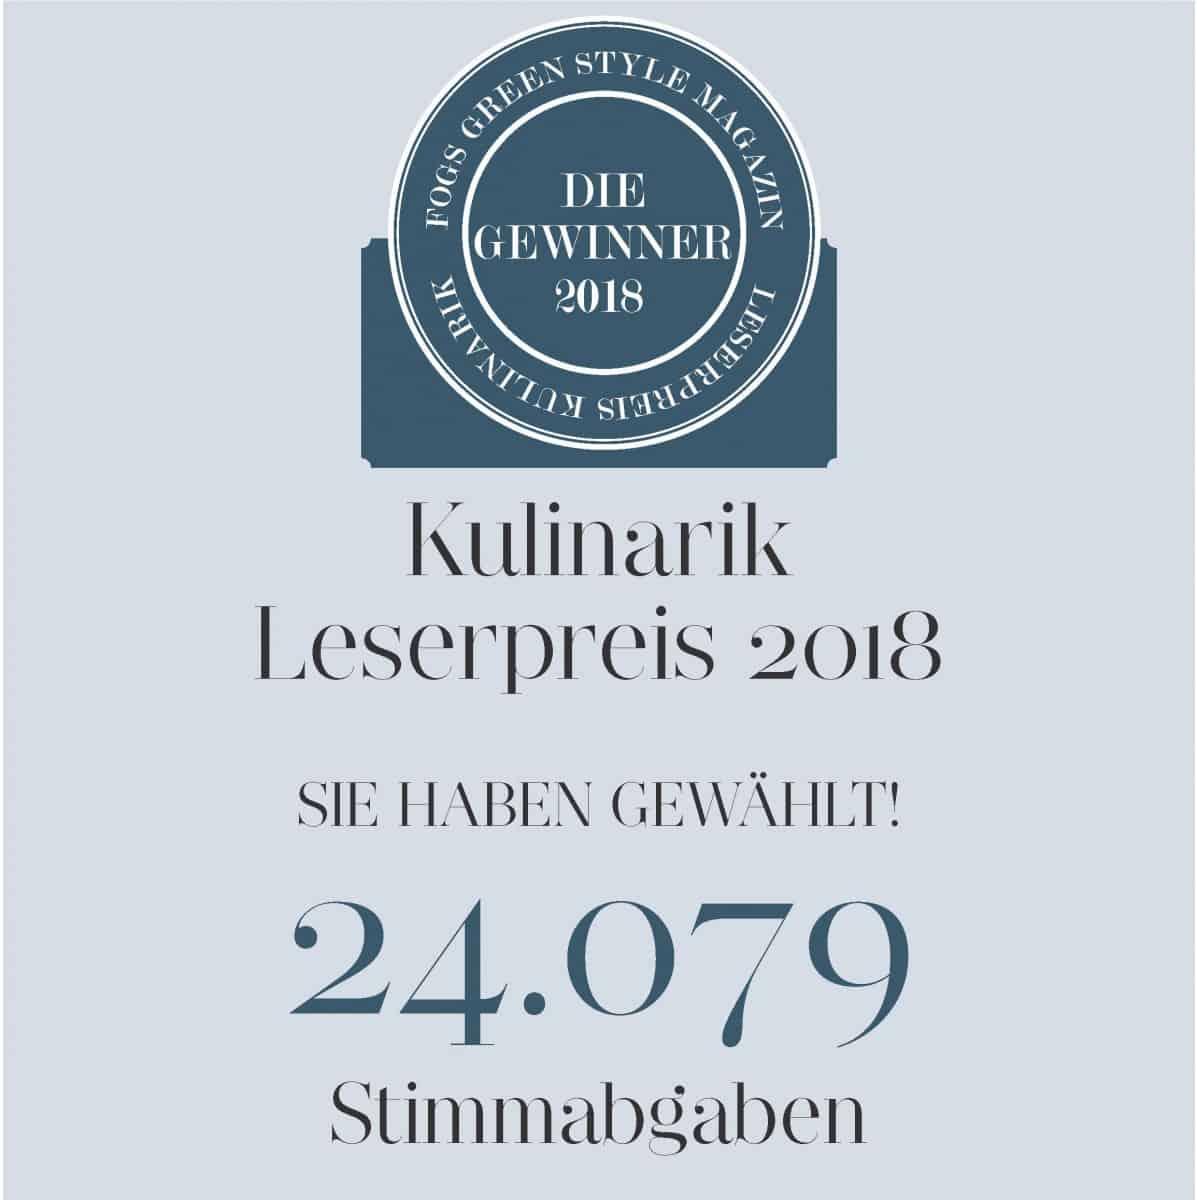 FOGS Kulinarik Leserpreis: Das sind die Gewinner!